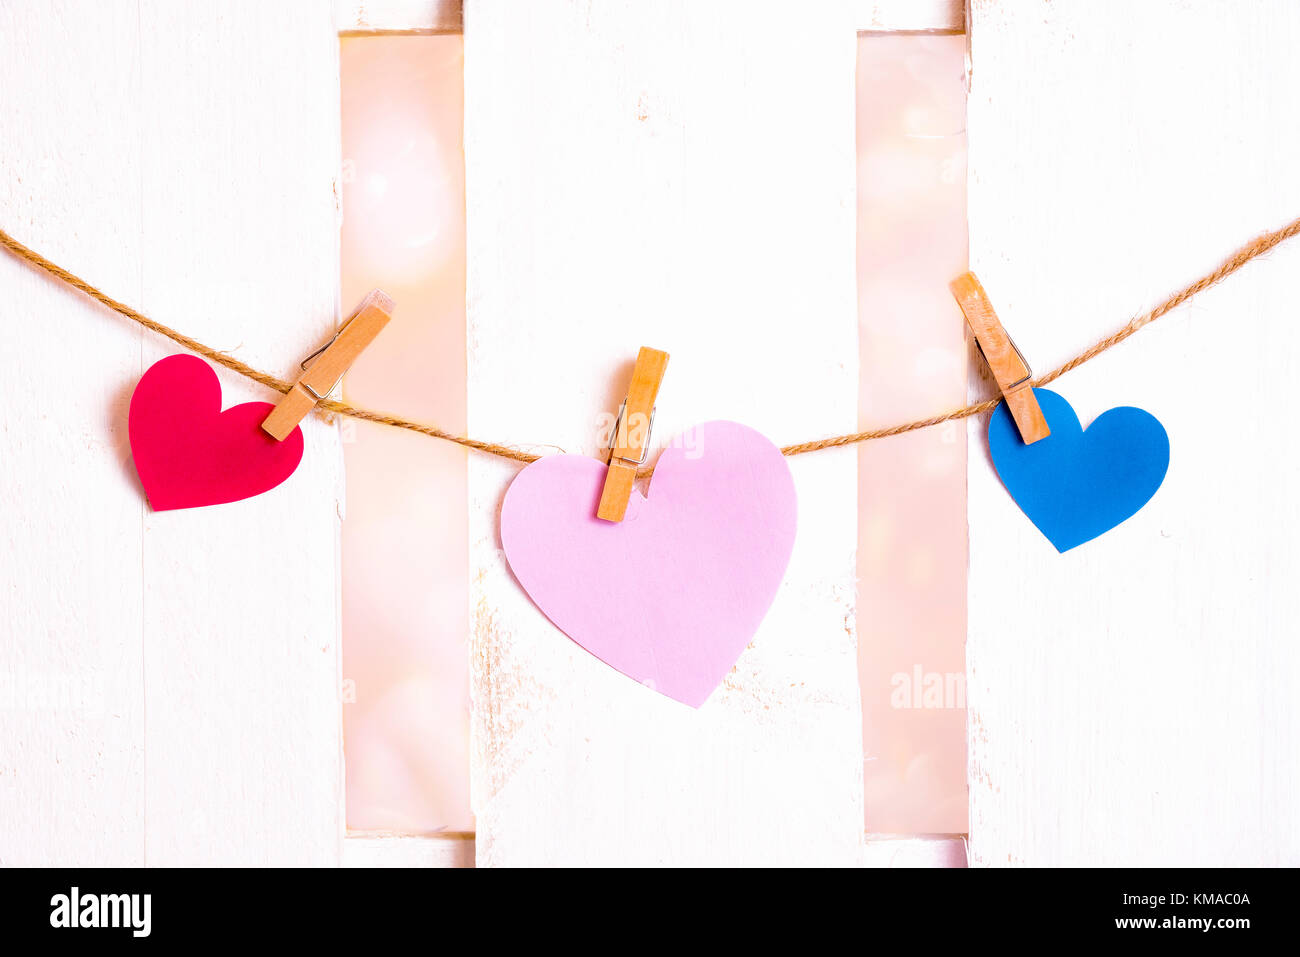 Valentinstag Bild mit einem großen rosa Herz in der Mitte, eine rote und eine blaue auf den Seiten ist aus Papier und in einen String mit Holz- Clips gebunden Stockfoto